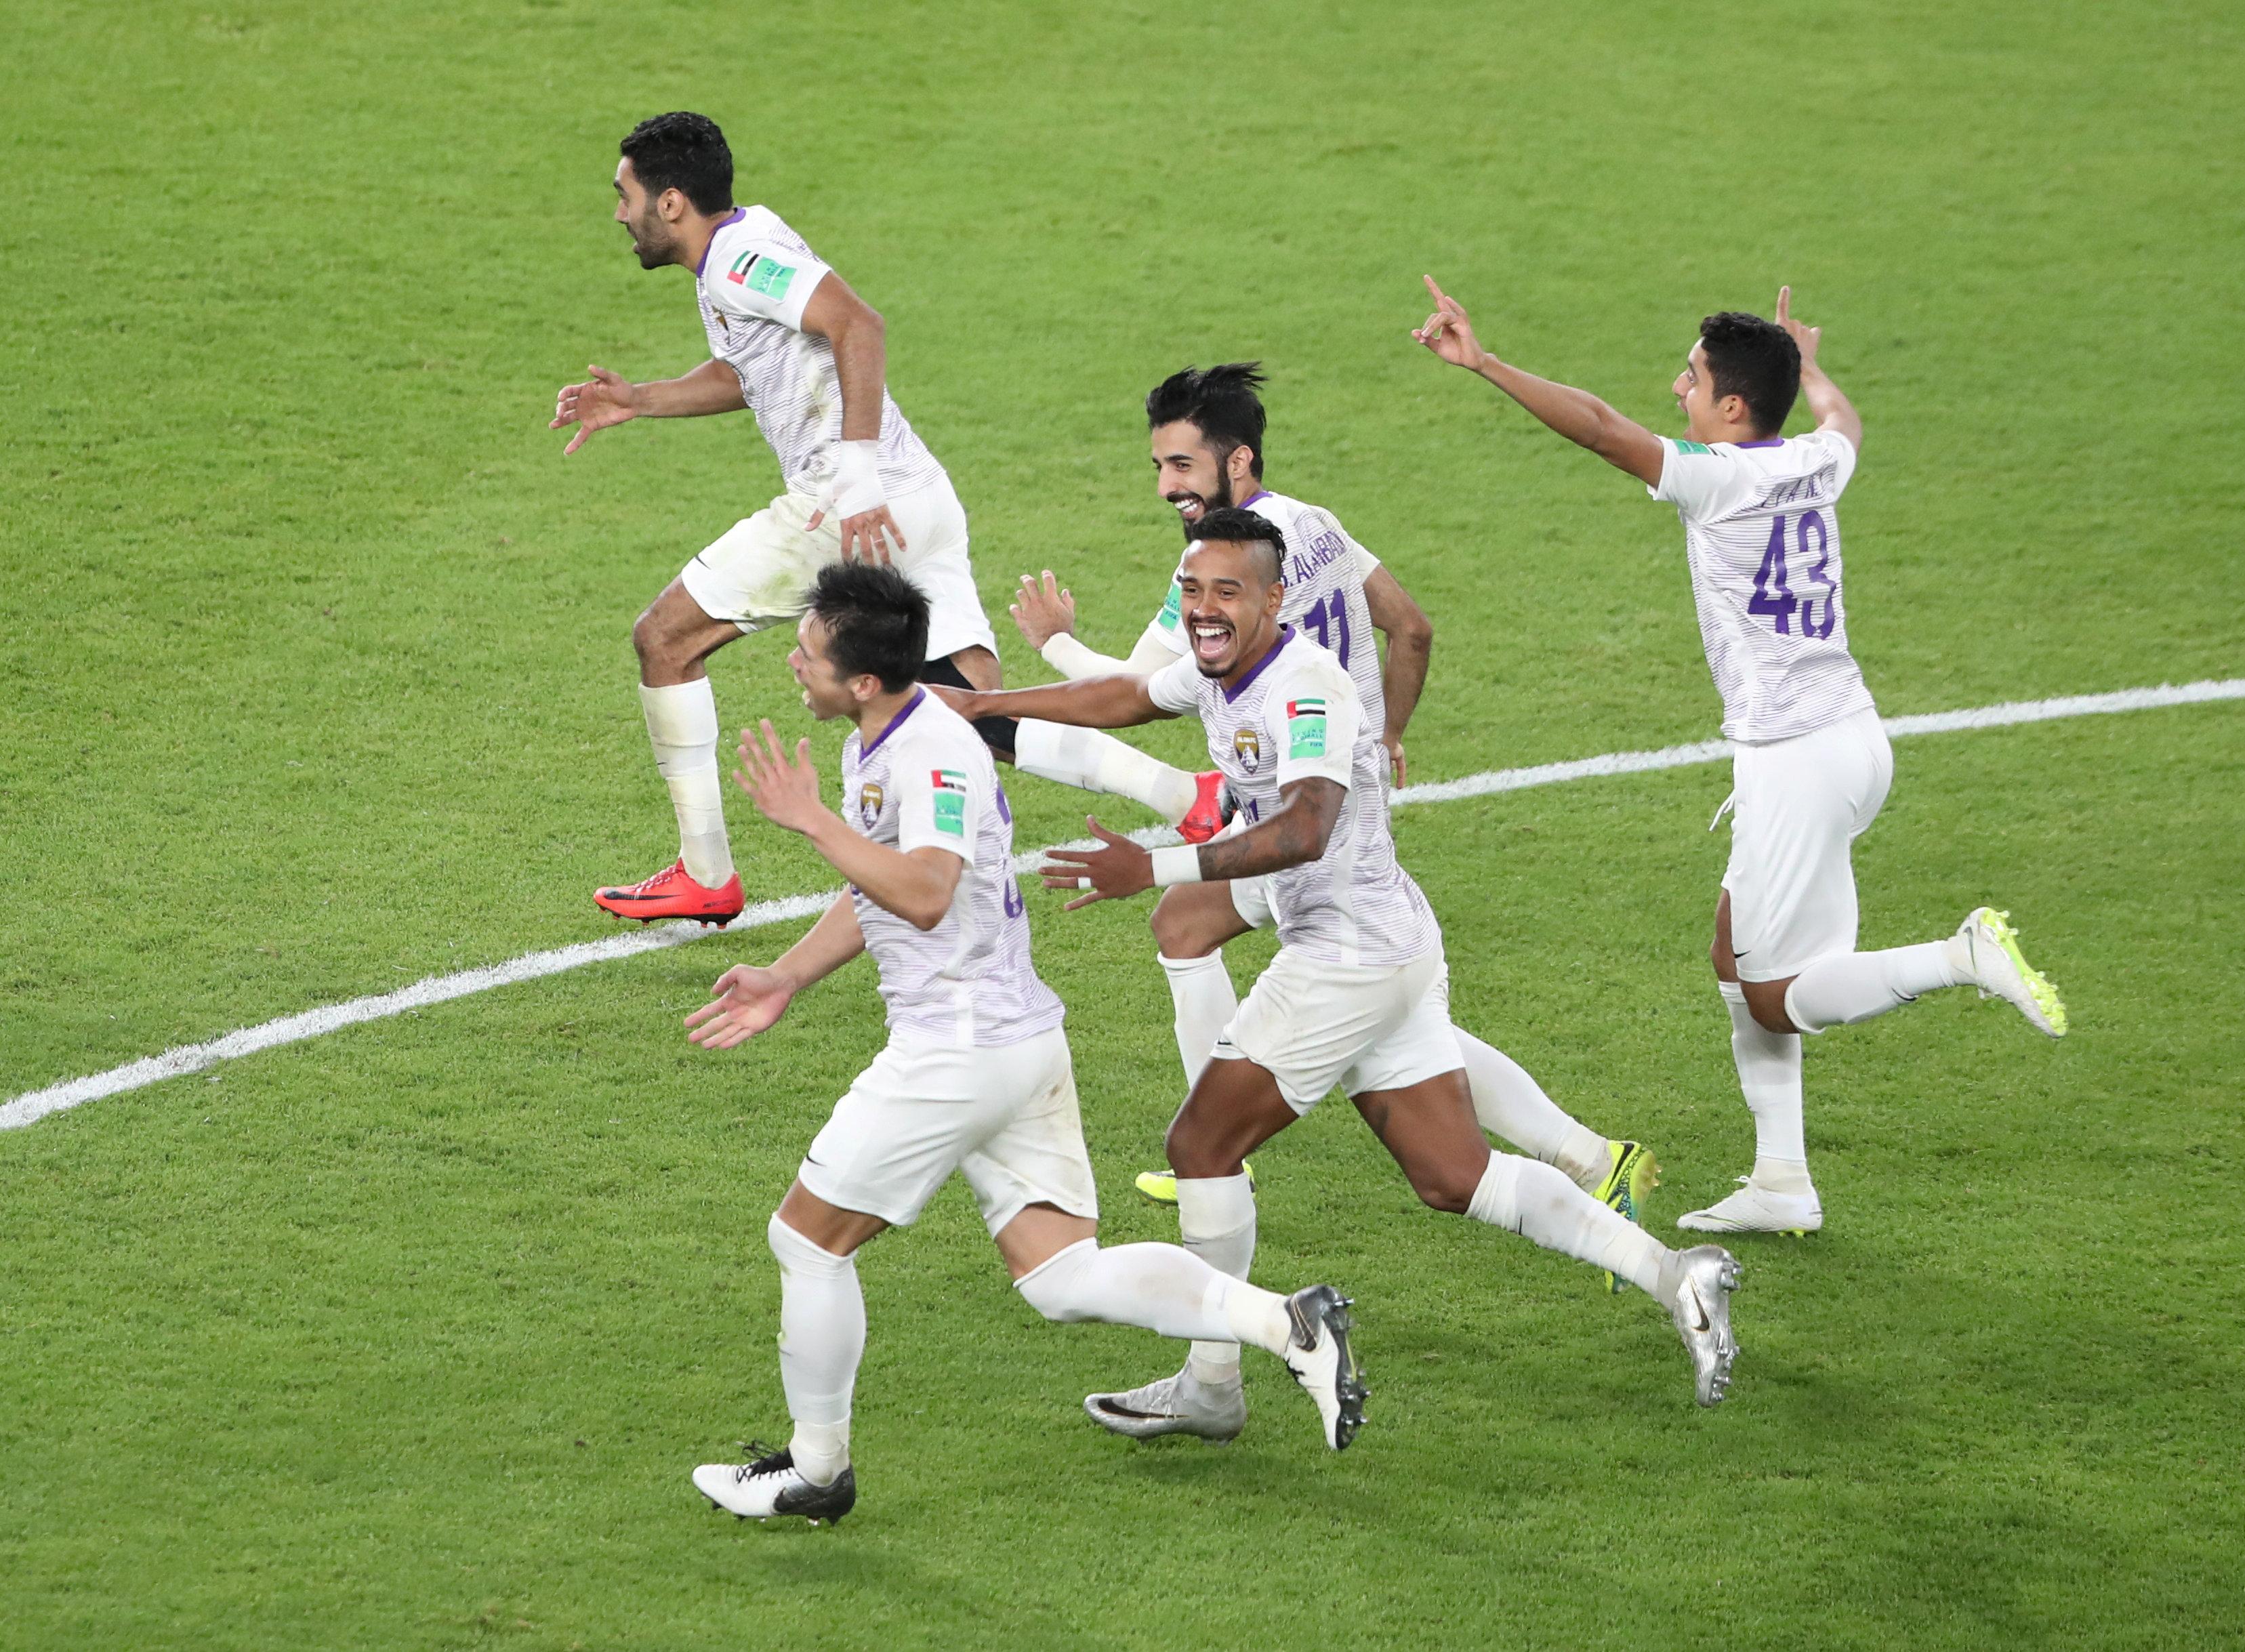 En fotos: intenso comienzo con remontada de Al Ain para clasificar en el Mundial de Clubes